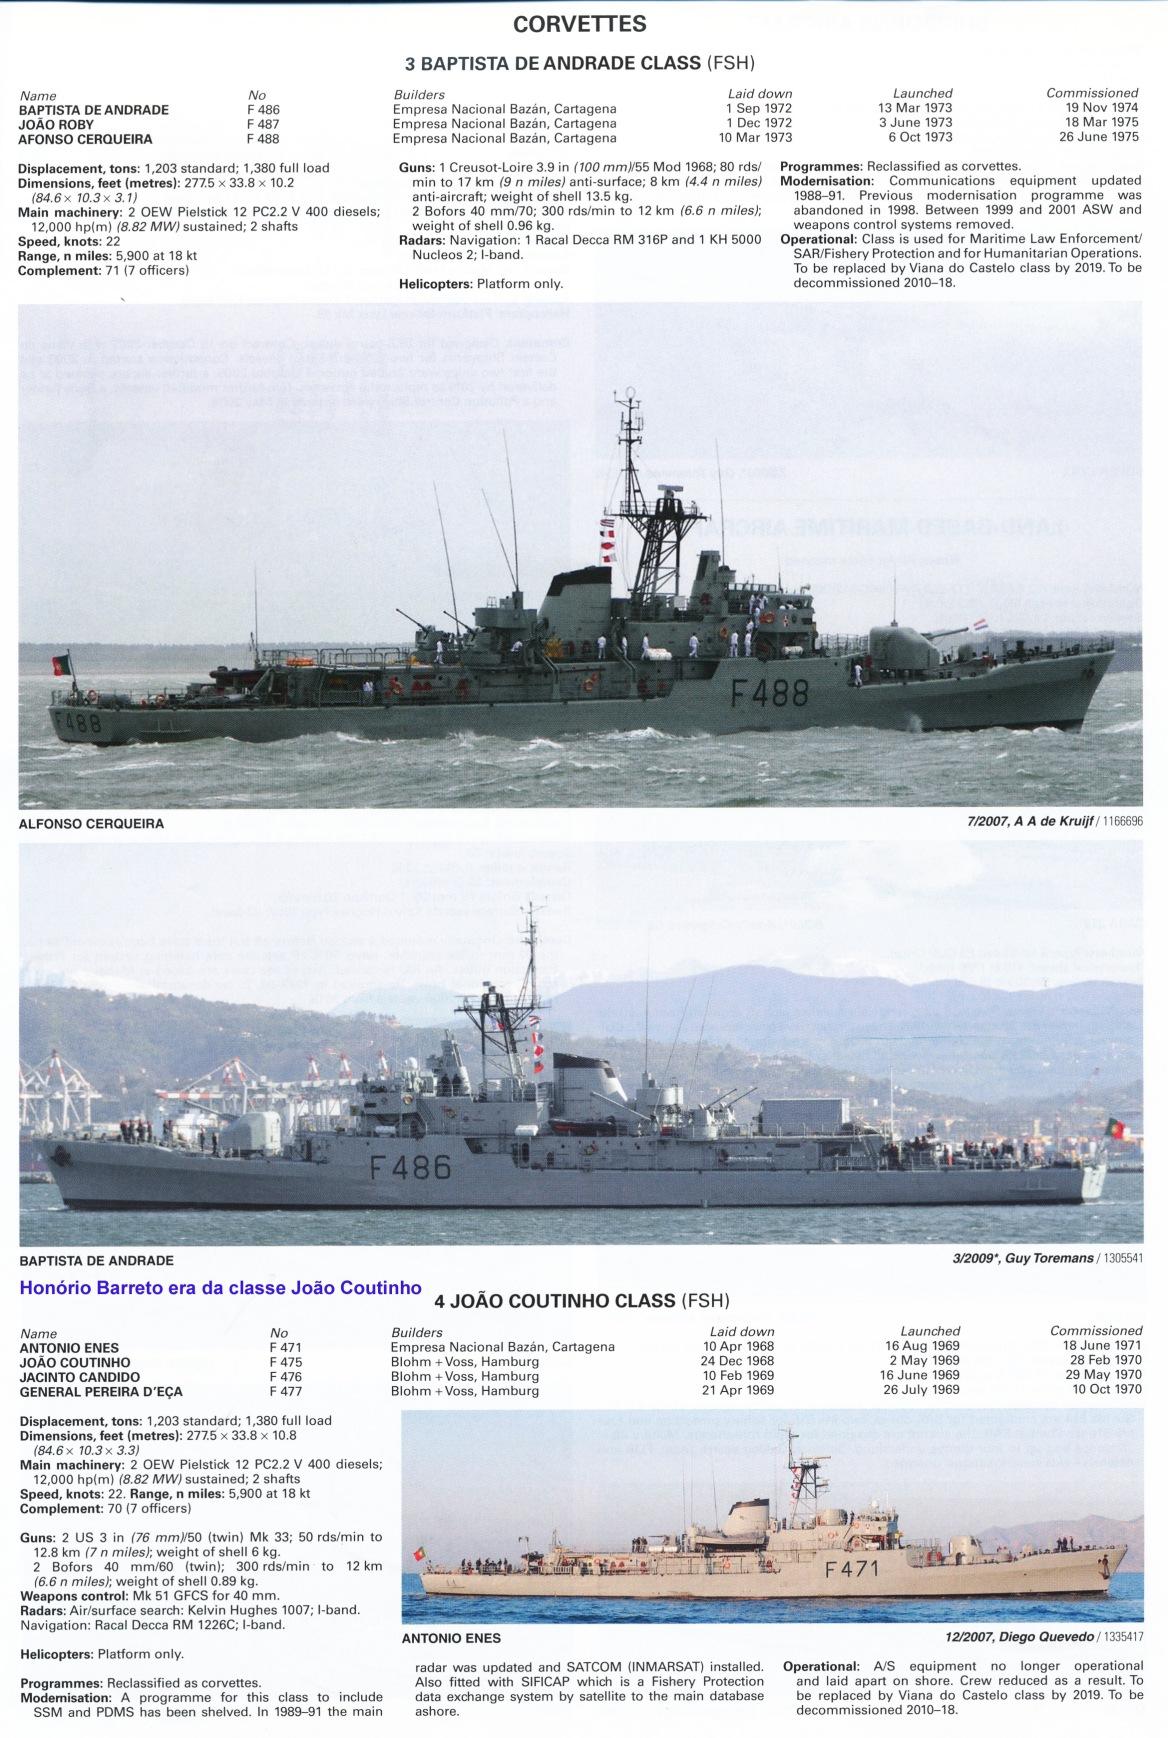 00710 976-08-18 características das Corvetas Afonso Cerqueira e Honório Barreto -Jane' Fighting Ships 2010